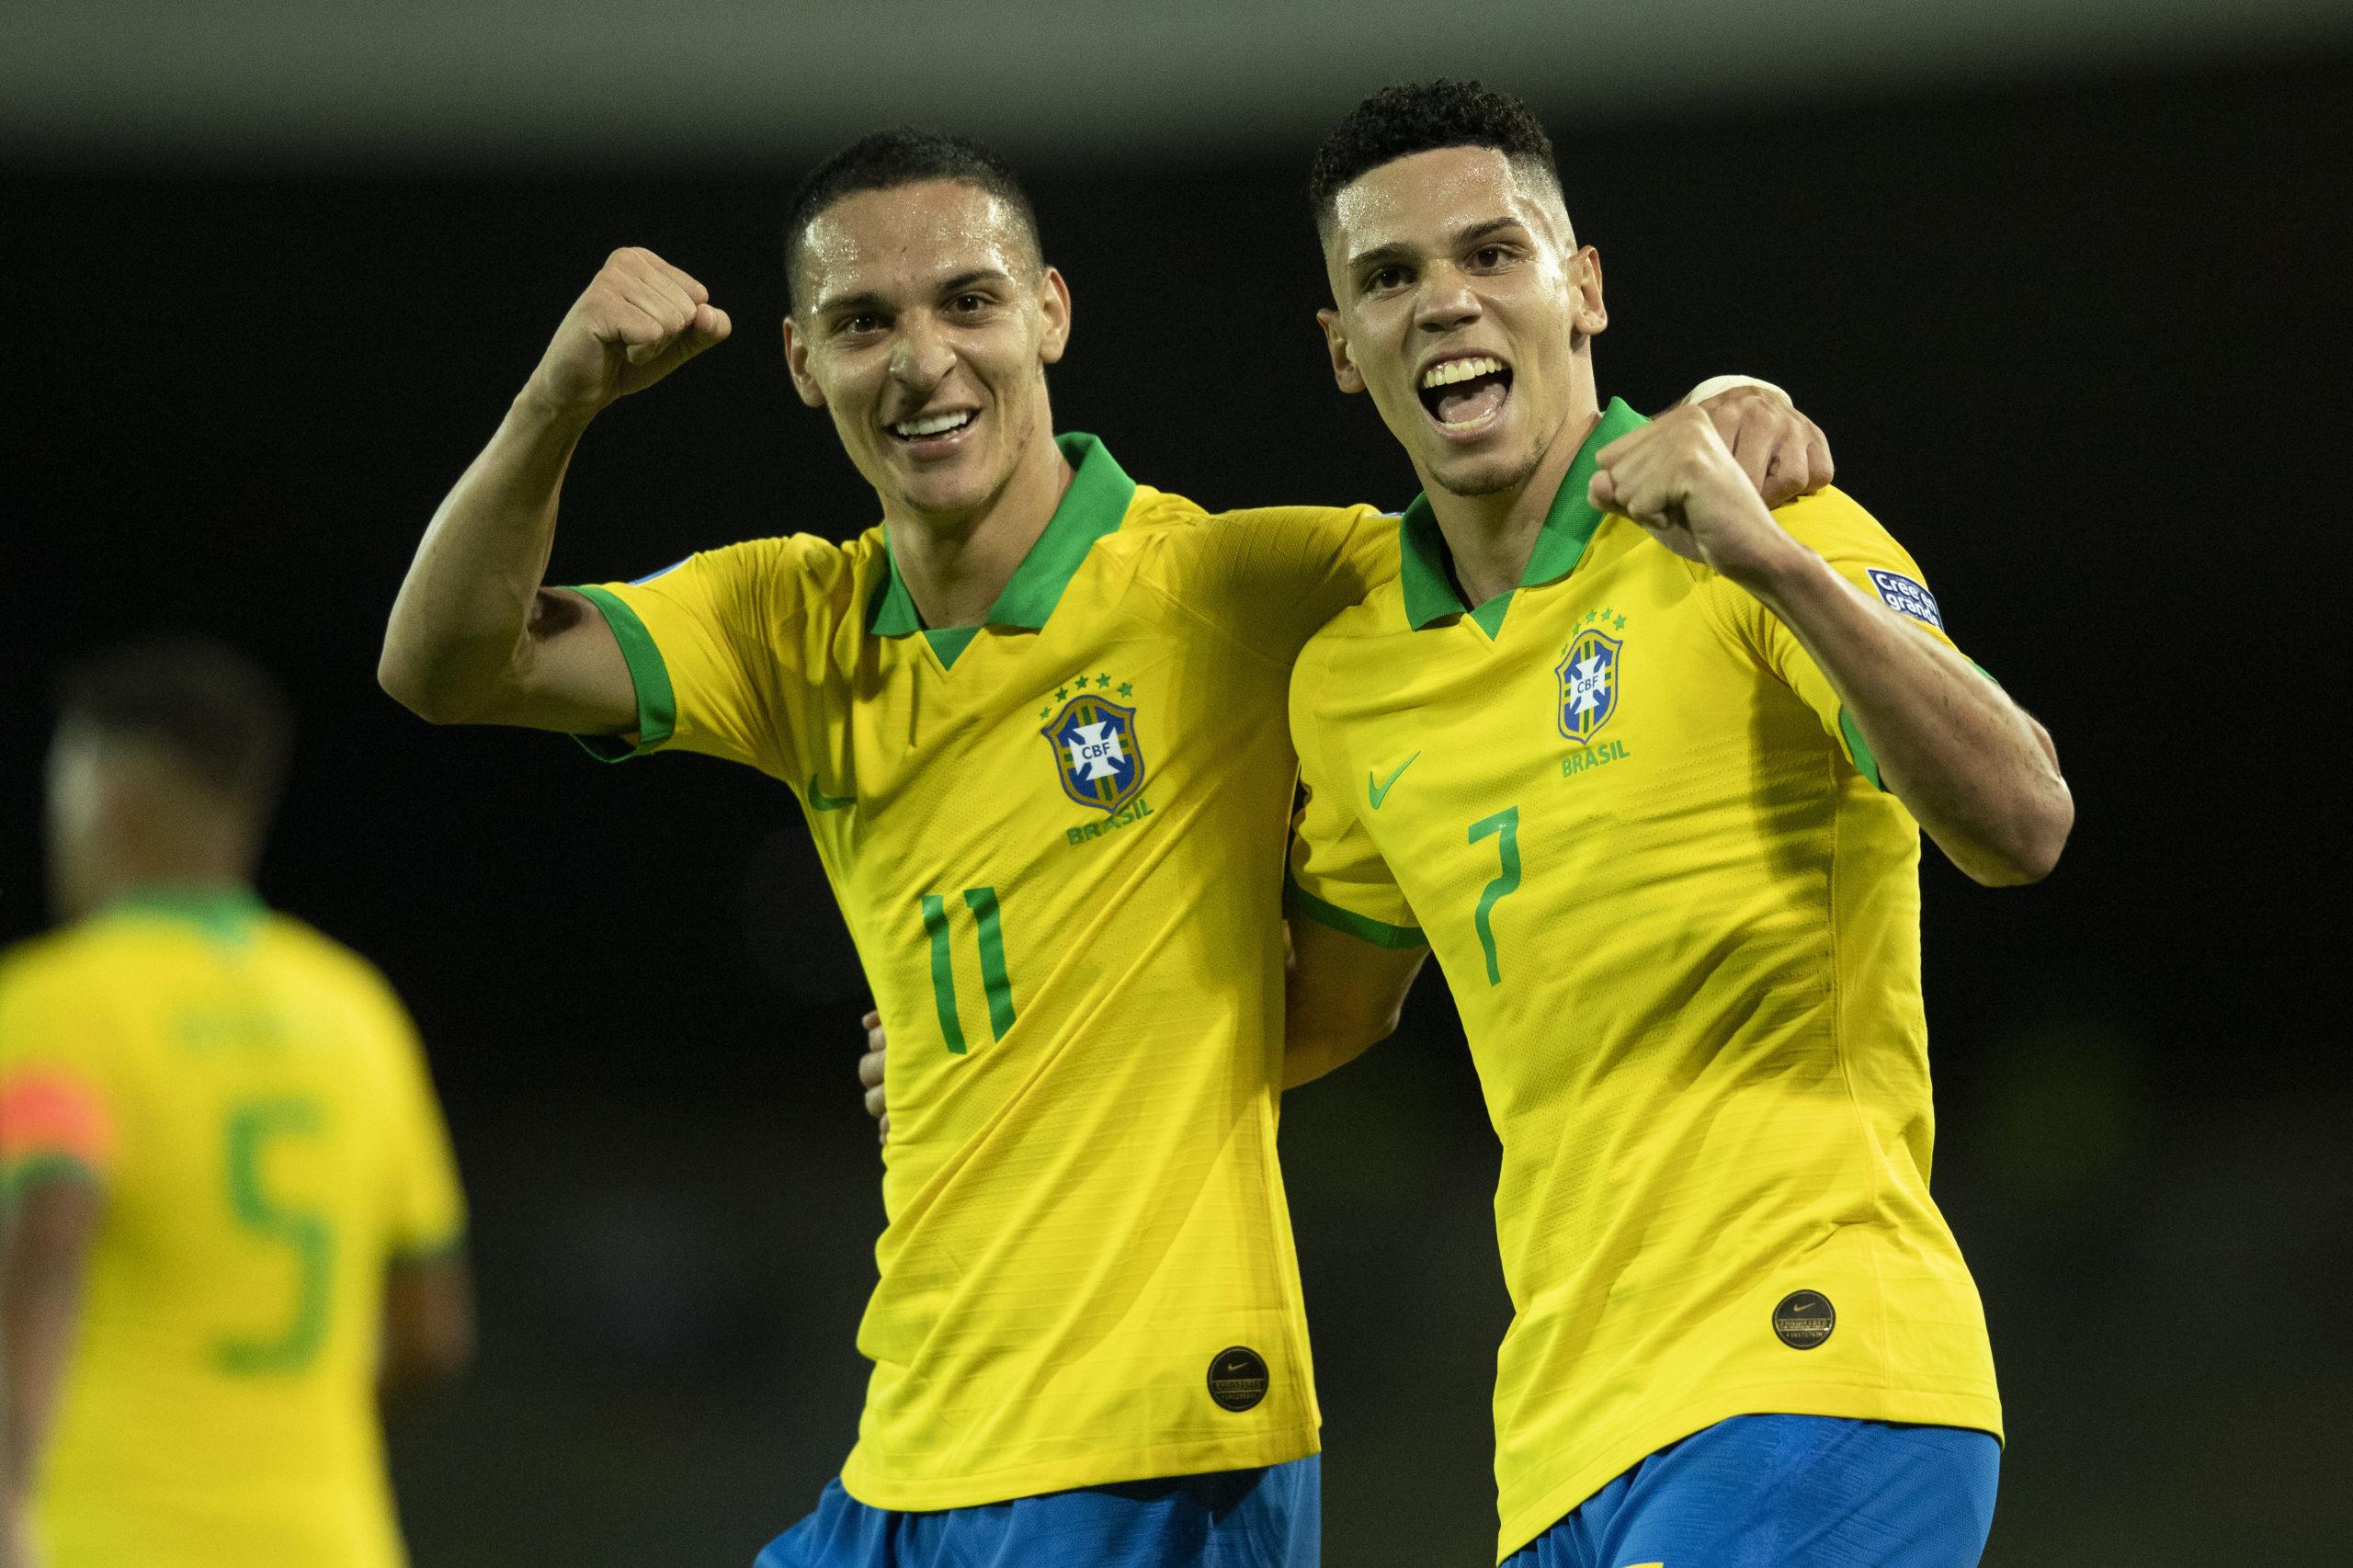 Brasil estreia com vitória sobre o Peru no pré-olímpico masculino de futebol